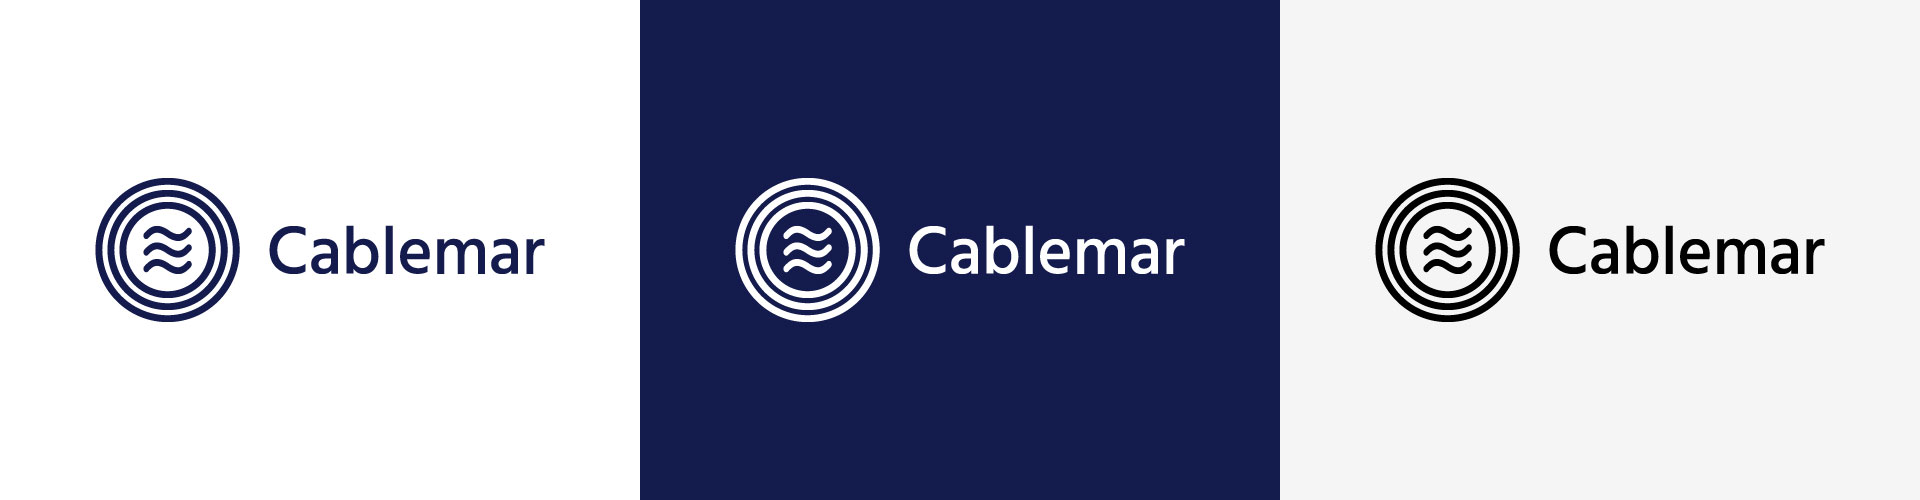 Logo Cablemar Espacios de color